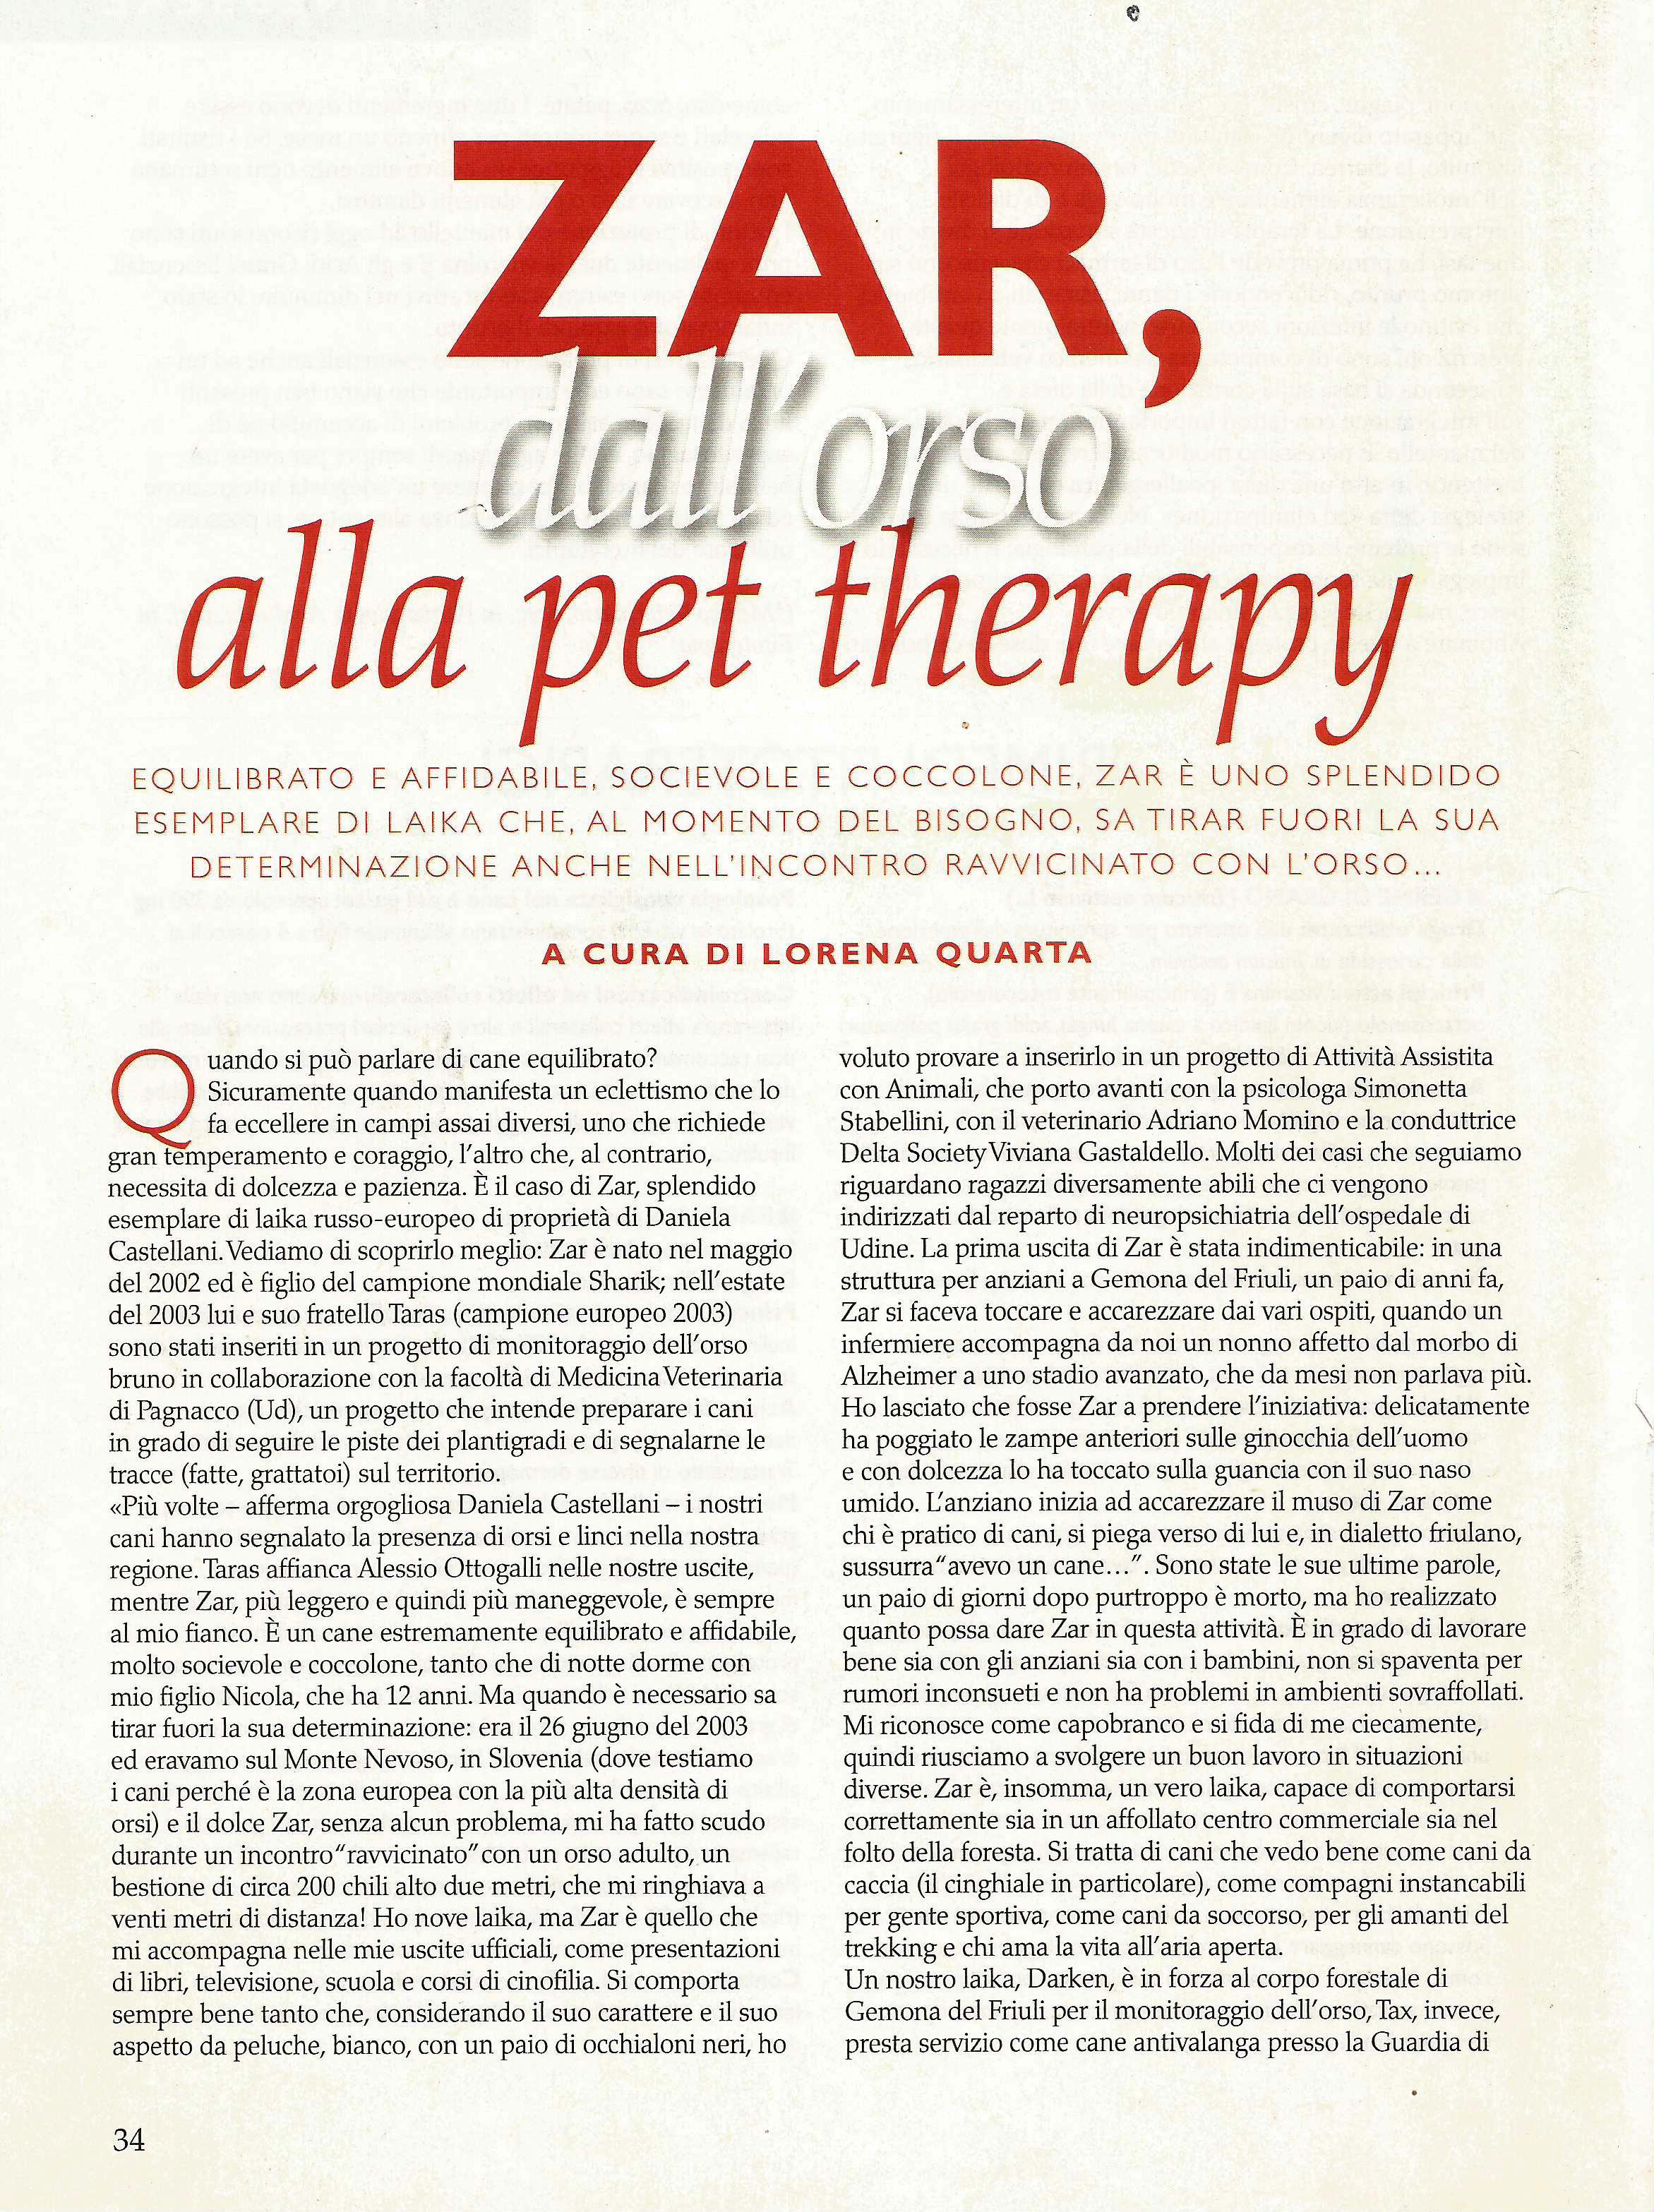 Zar, dall'orso alla PET THERAPY